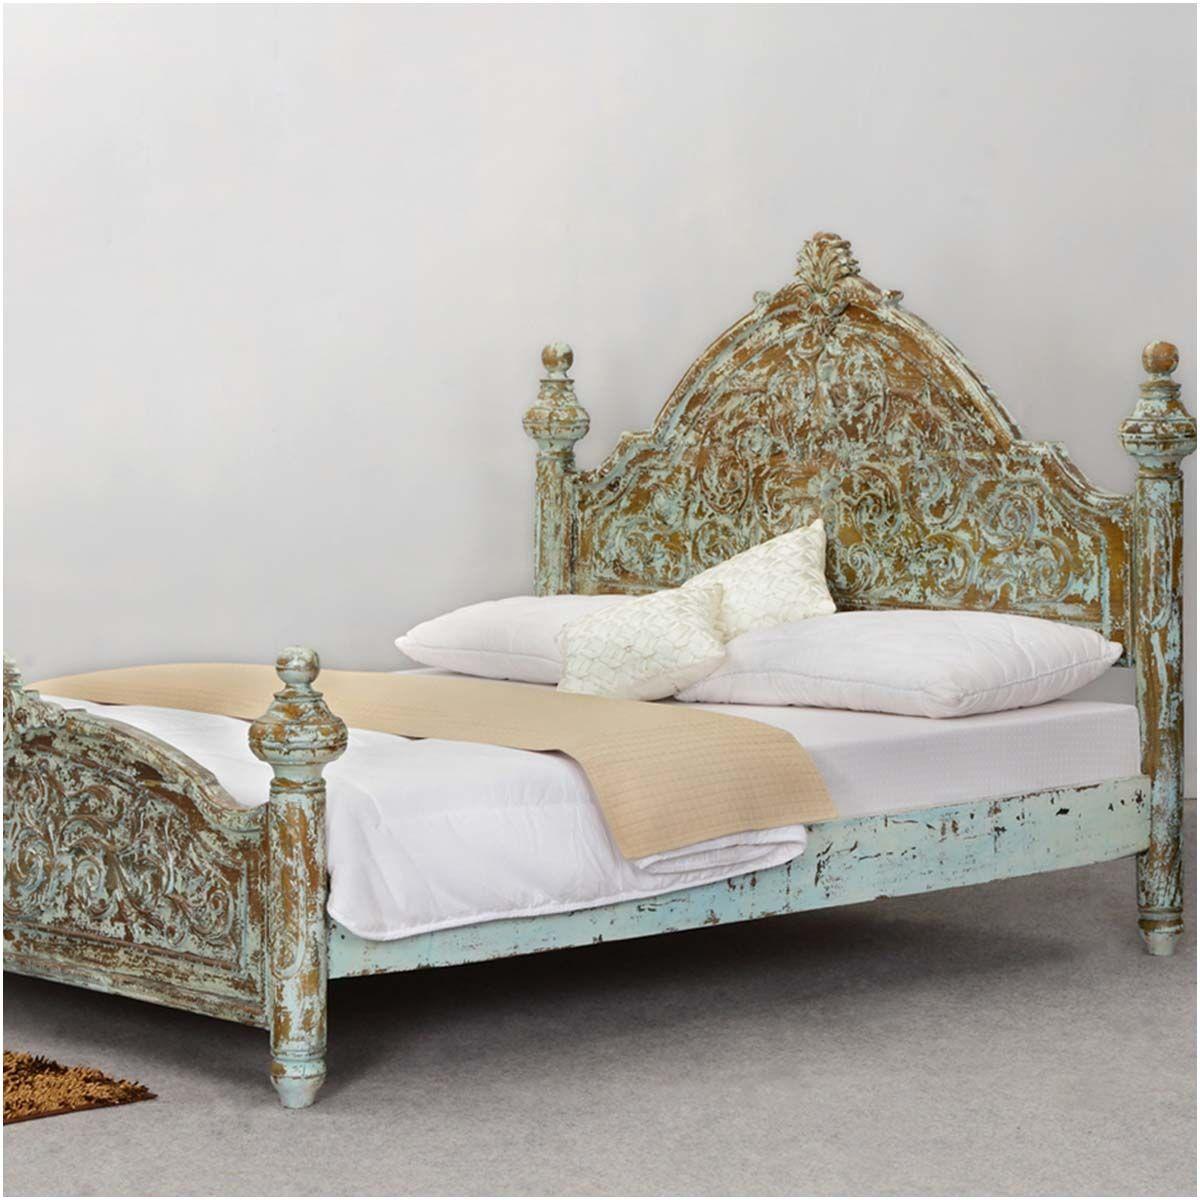 Victorian Winter White Mango Wood Platform Bed Frame w